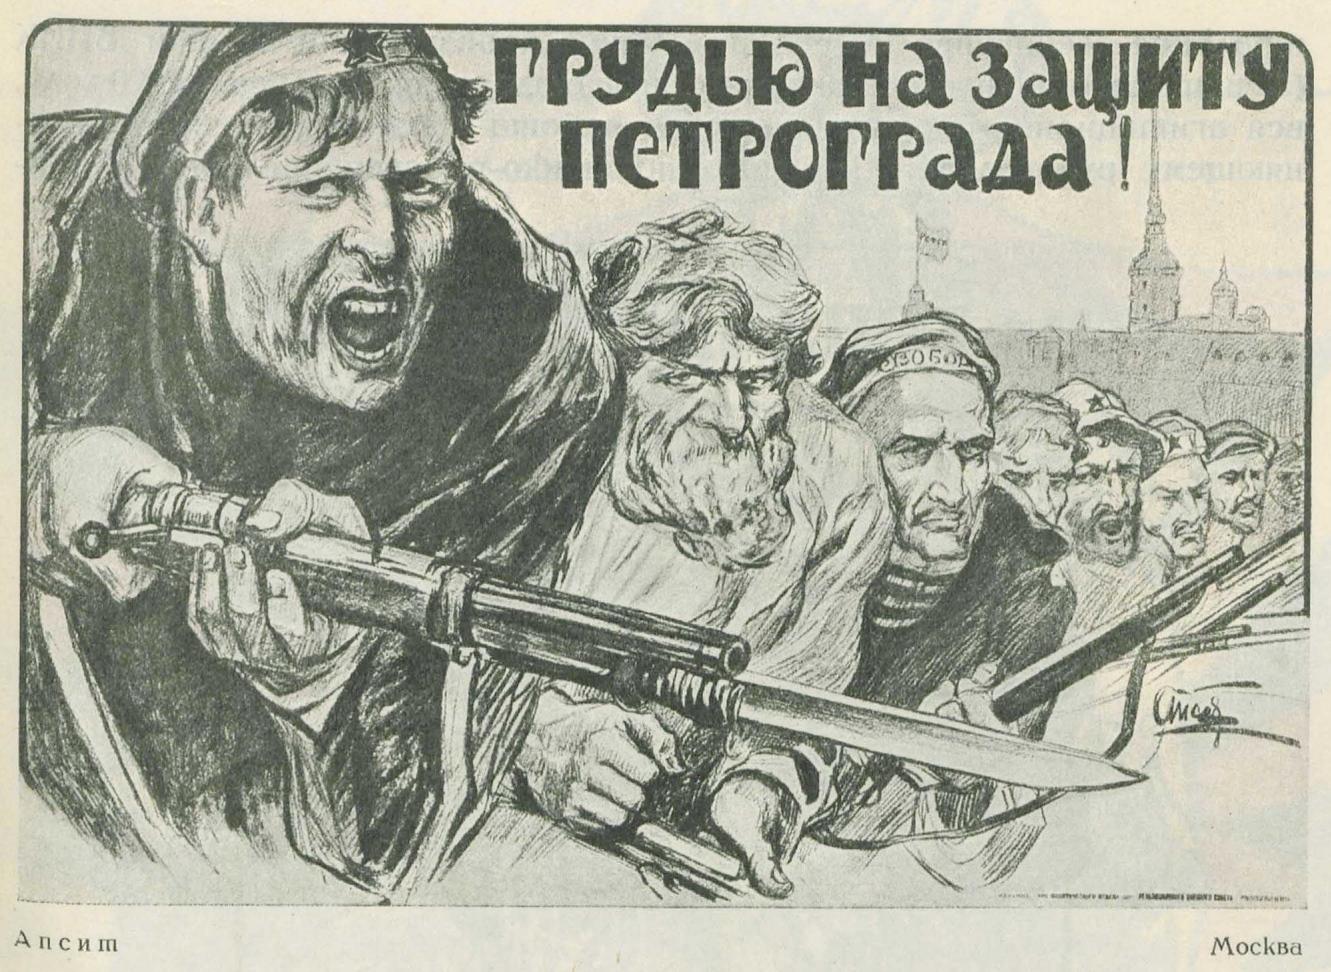 Апсит. Москва. «Грудью на защиту Петрограда!»